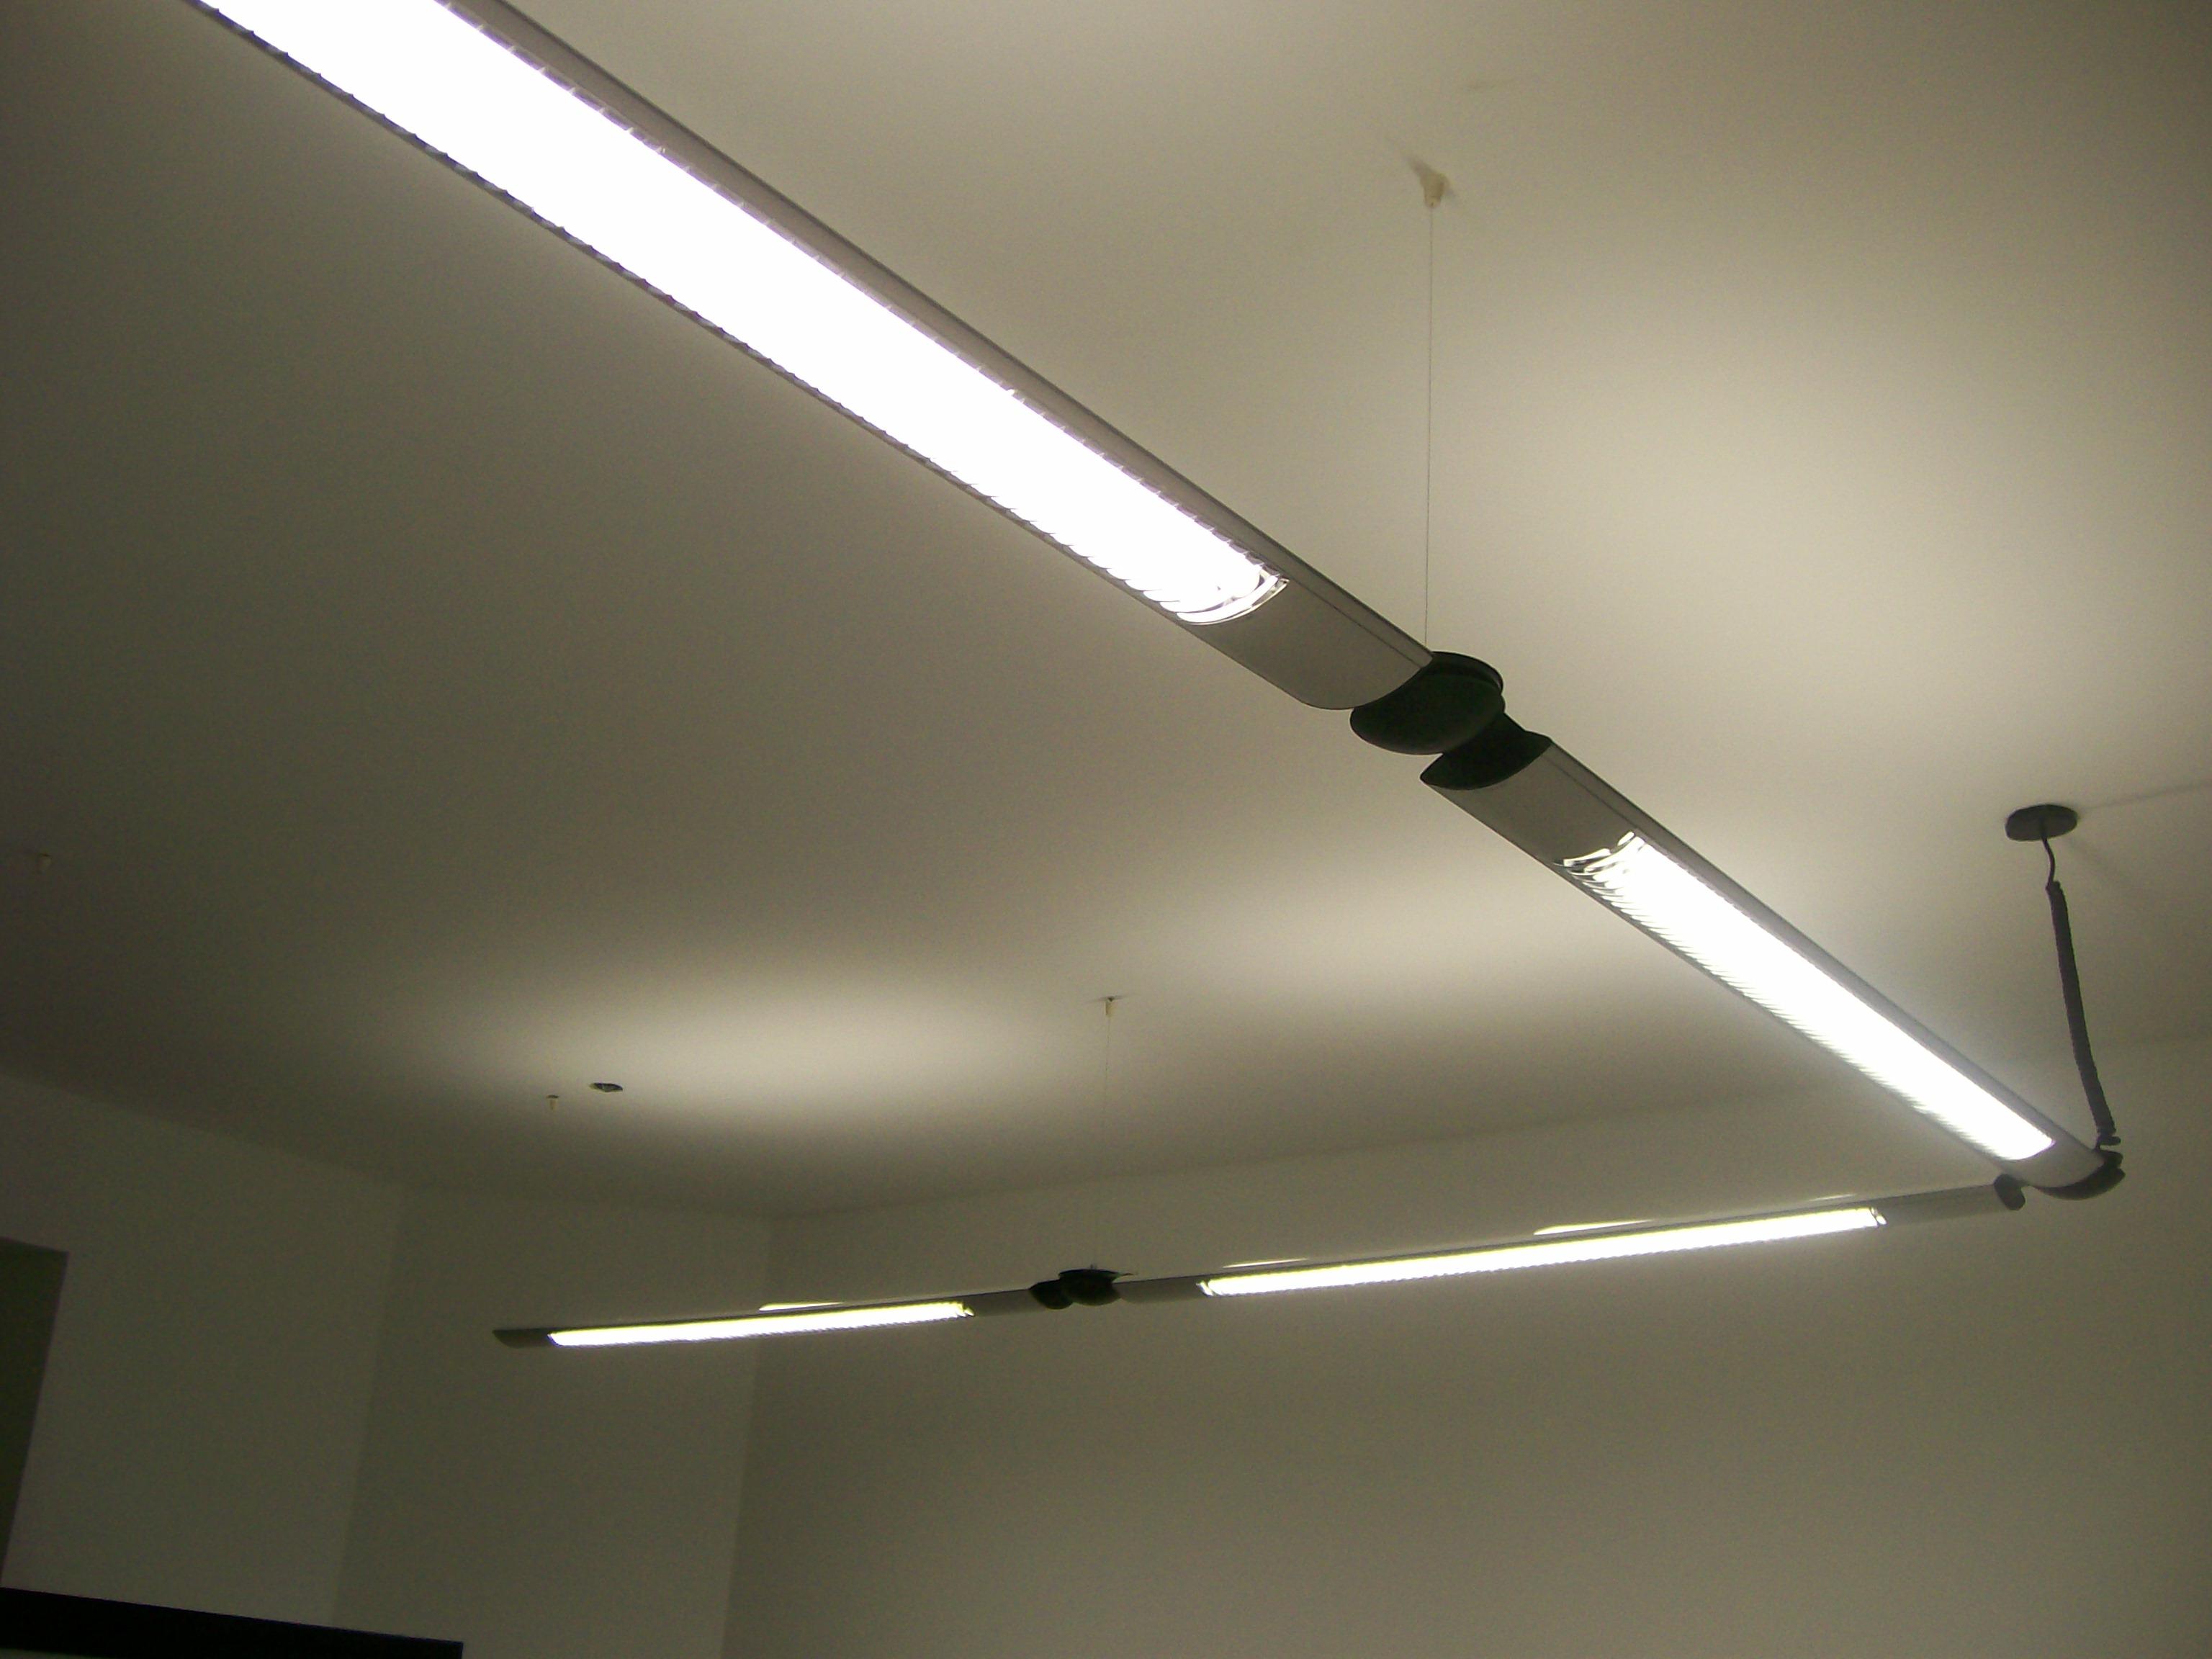 Venta de productos el ctricos venta de productos de for Iluminacion led oficinas